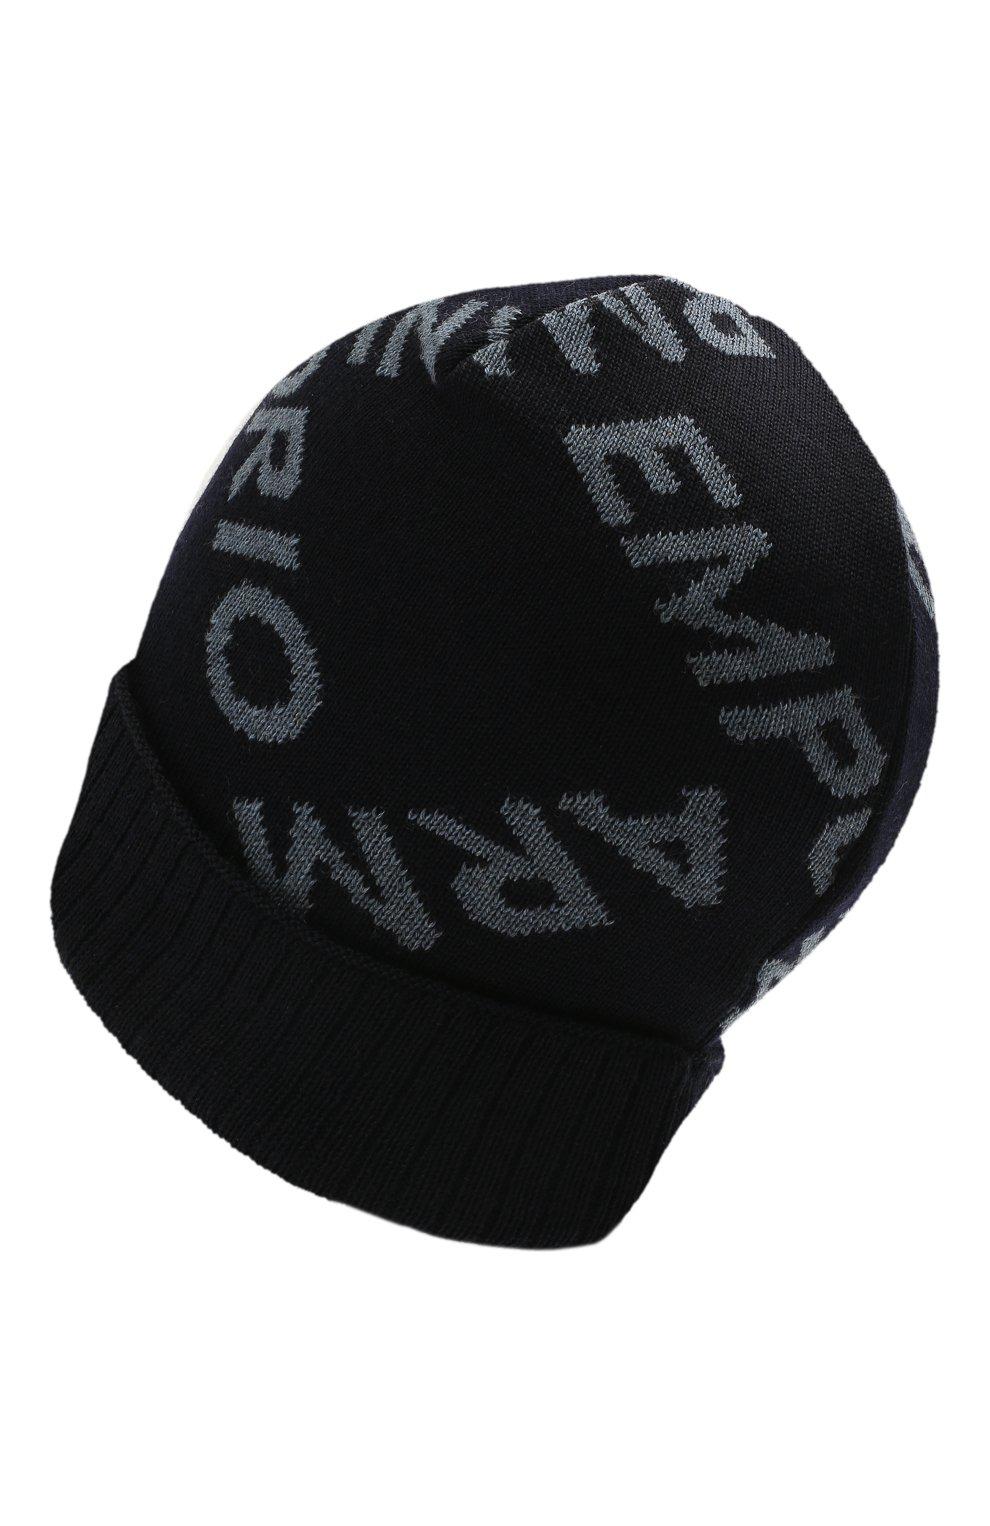 Детский комплект из шапки и шарфа EMPORIO ARMANI синего цвета, арт. 407513/1A765   Фото 3 (Материал: Шерсть)